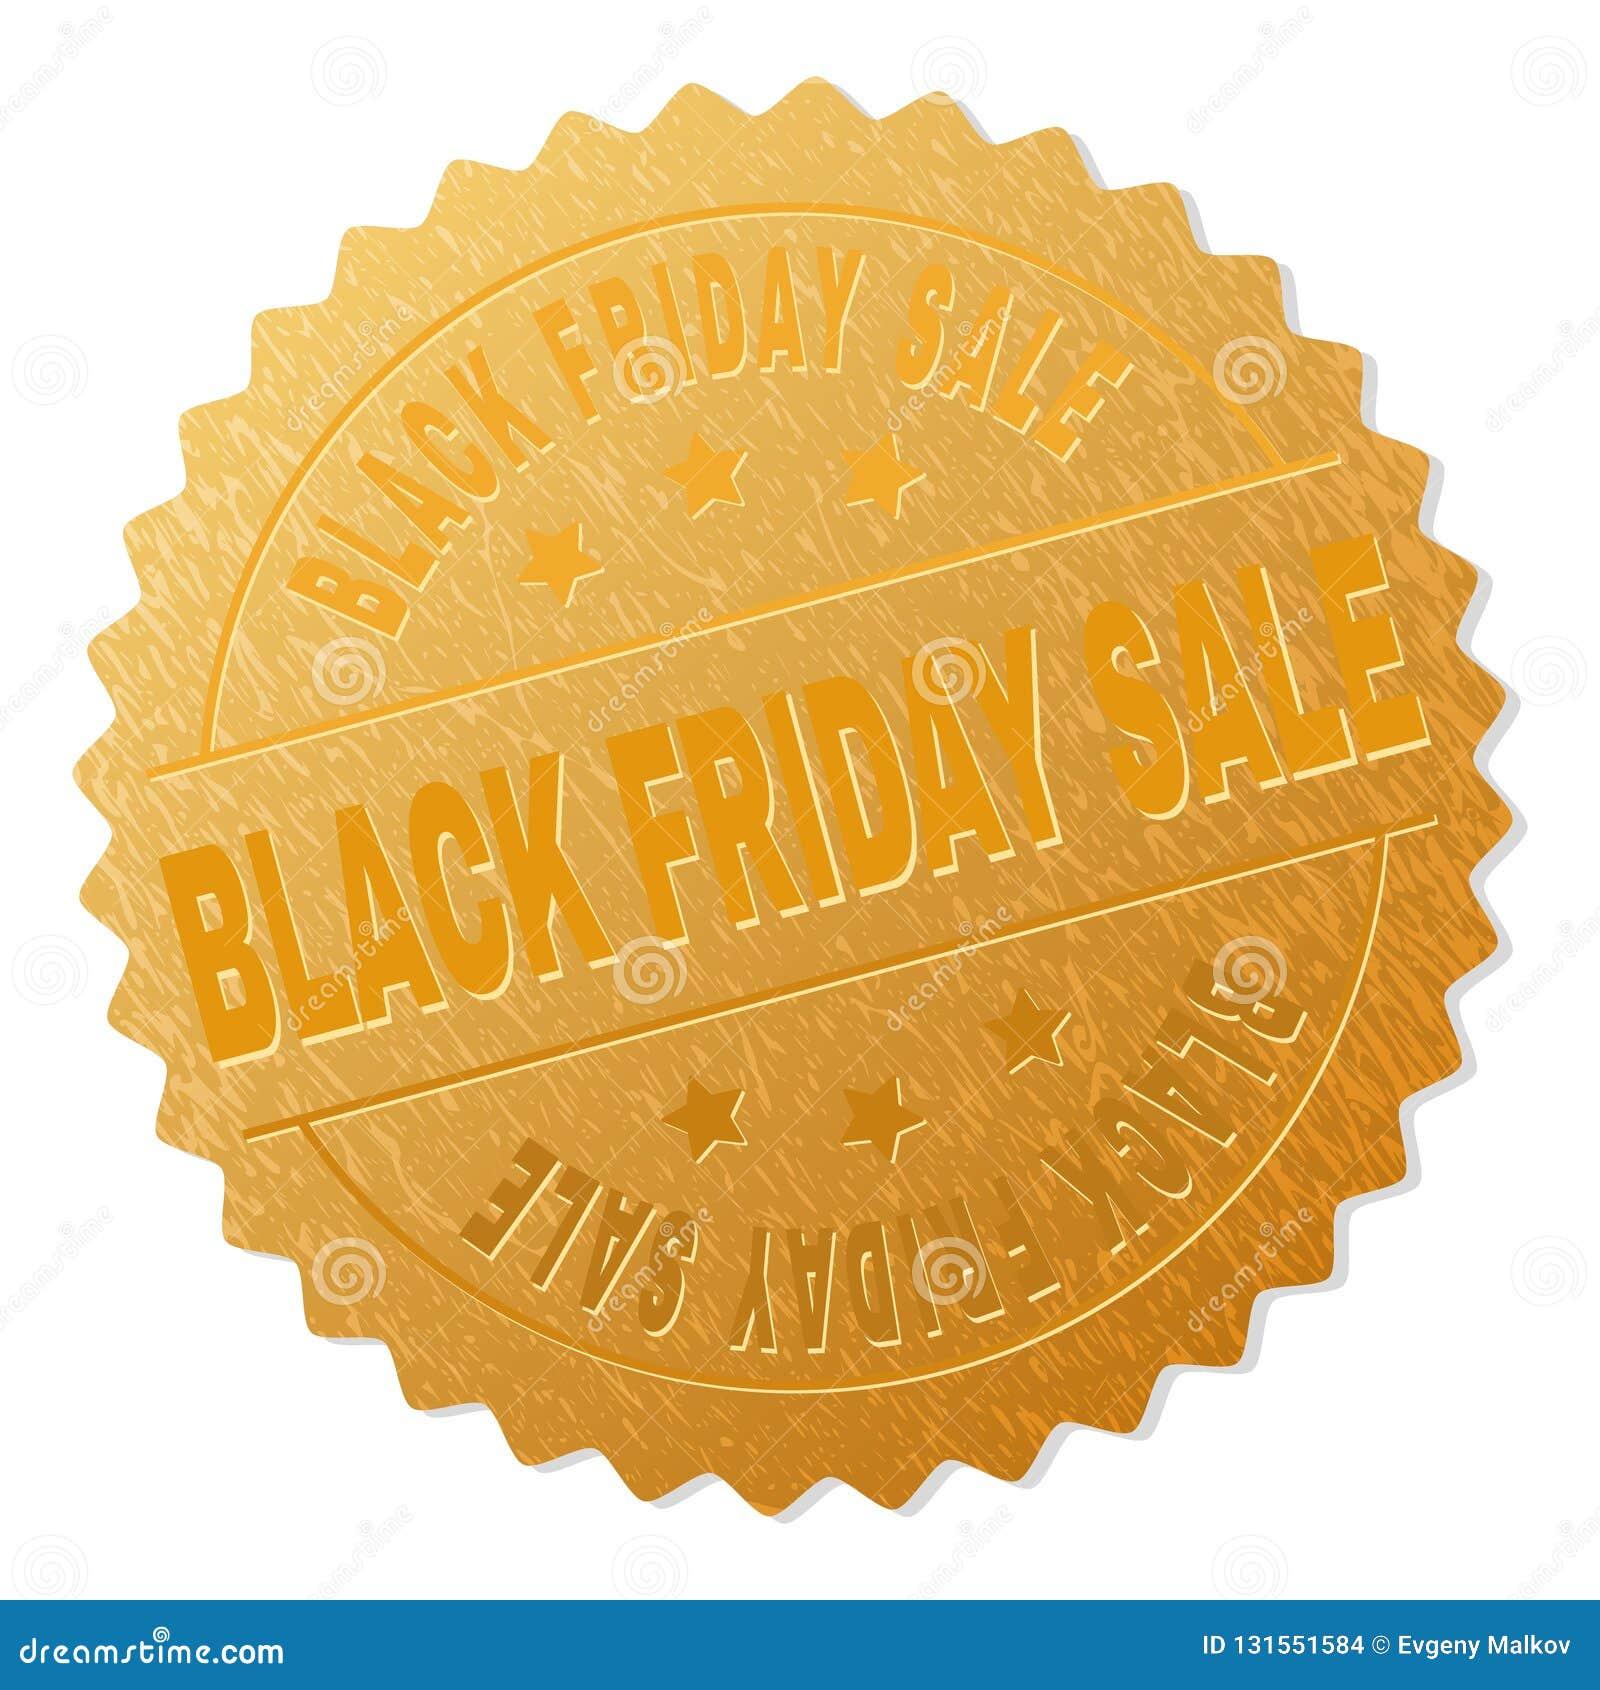 Gold Black Friday Sale Medallion Stamp Stock Vector Illustration Of Badge Shop 131551584